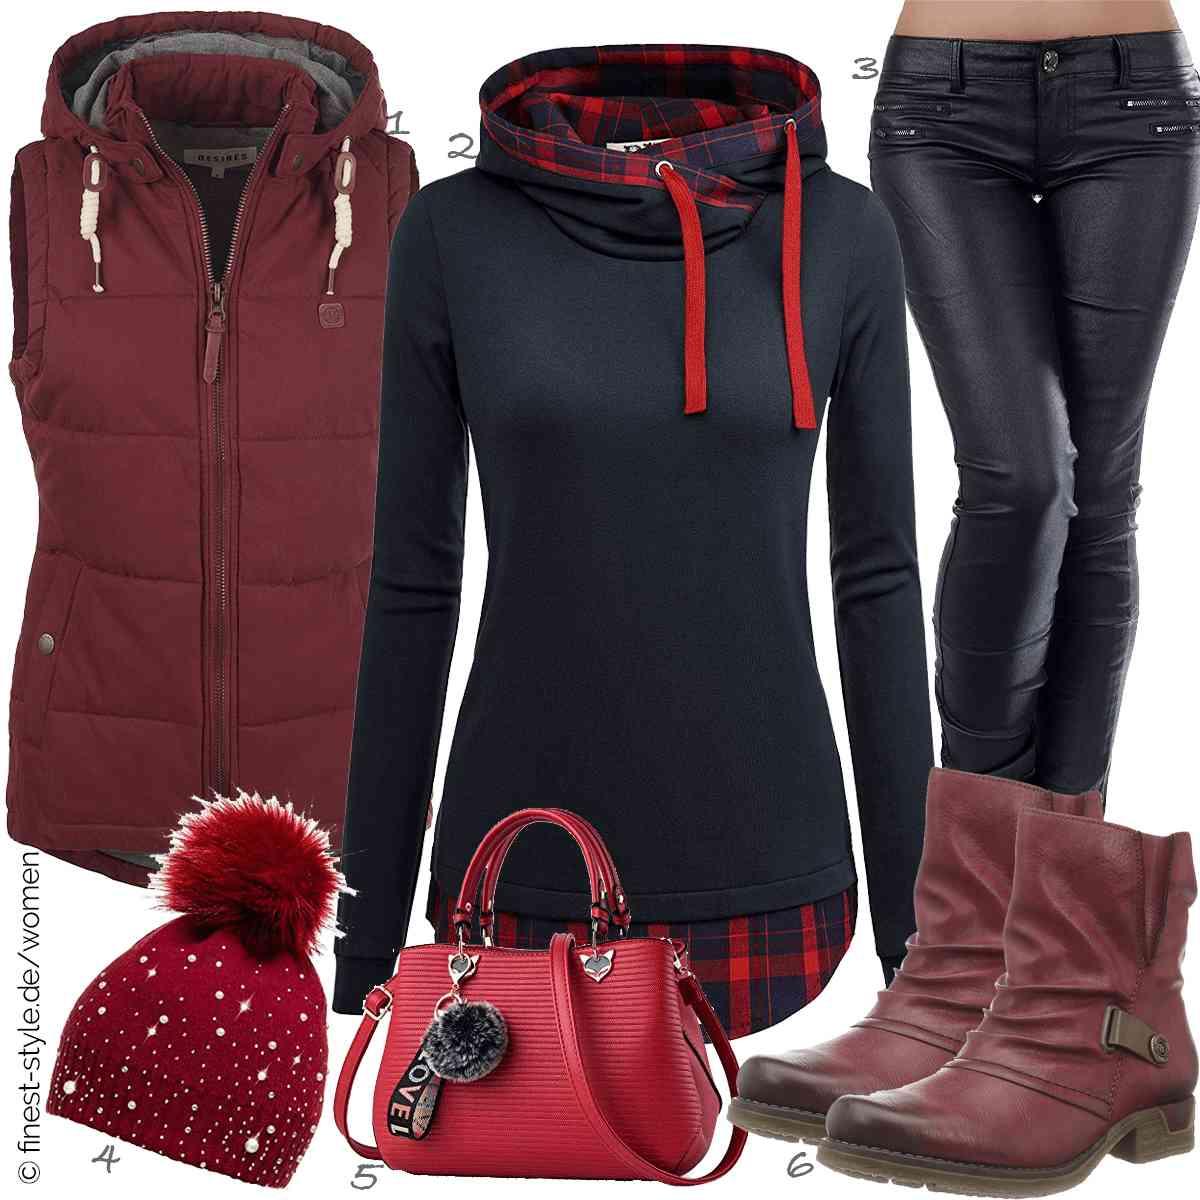 Top herren-Outfit im Finest-Trend-Style für ein selbstbewusstes Modegefühl mit tollen Produkten von DESIRES,DJT,Diva-Jeans,CASPAR Fashion,NICOLE&DORIS,Rieker